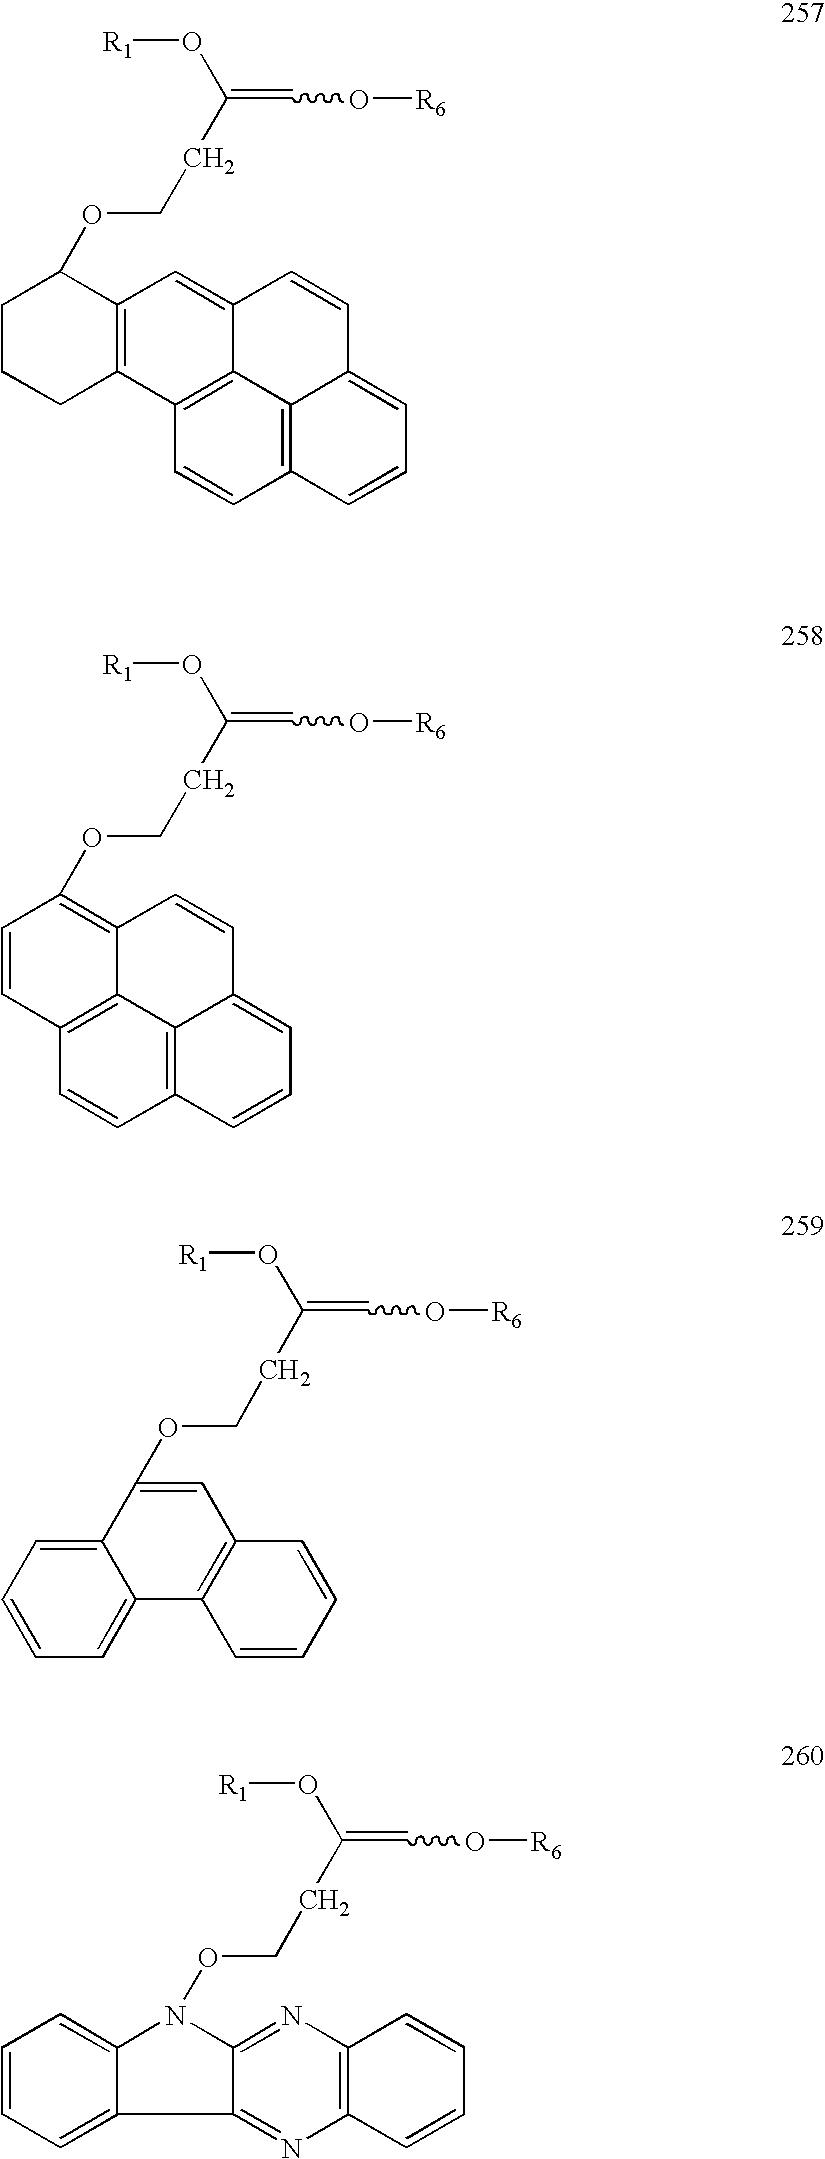 Figure US20060014144A1-20060119-C00144